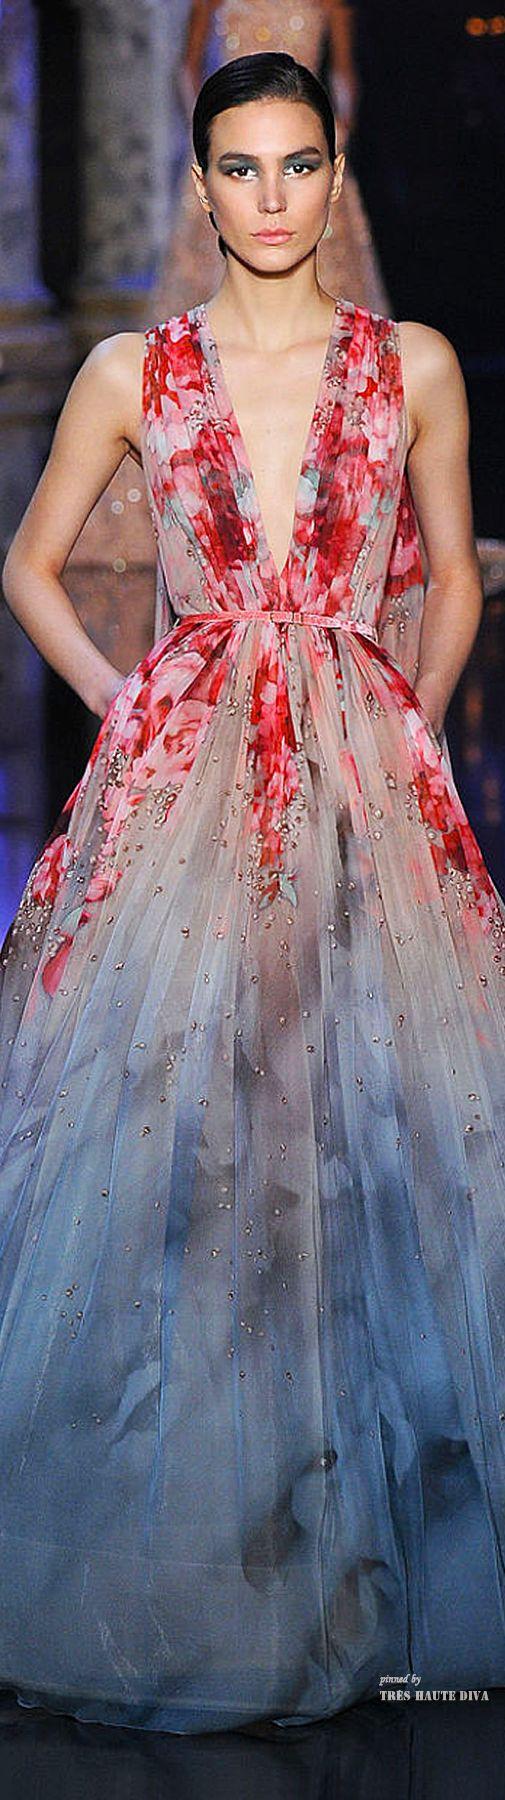 Atrévete a ser diferente: vestidos de novia atípicos                                                                                                                                                     Más